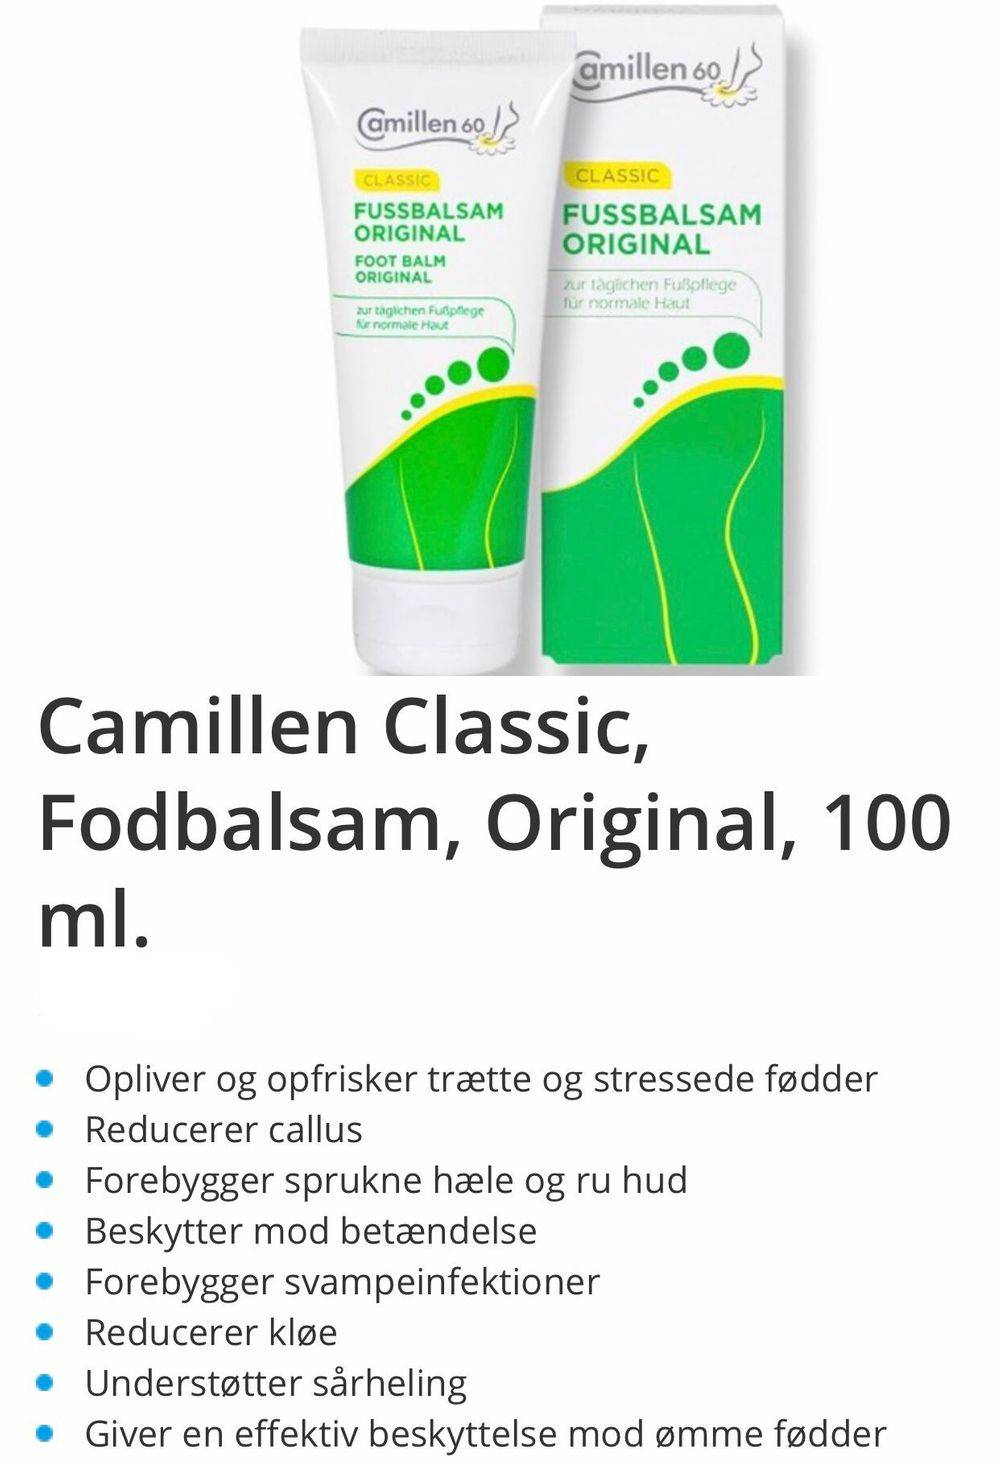 Camillen